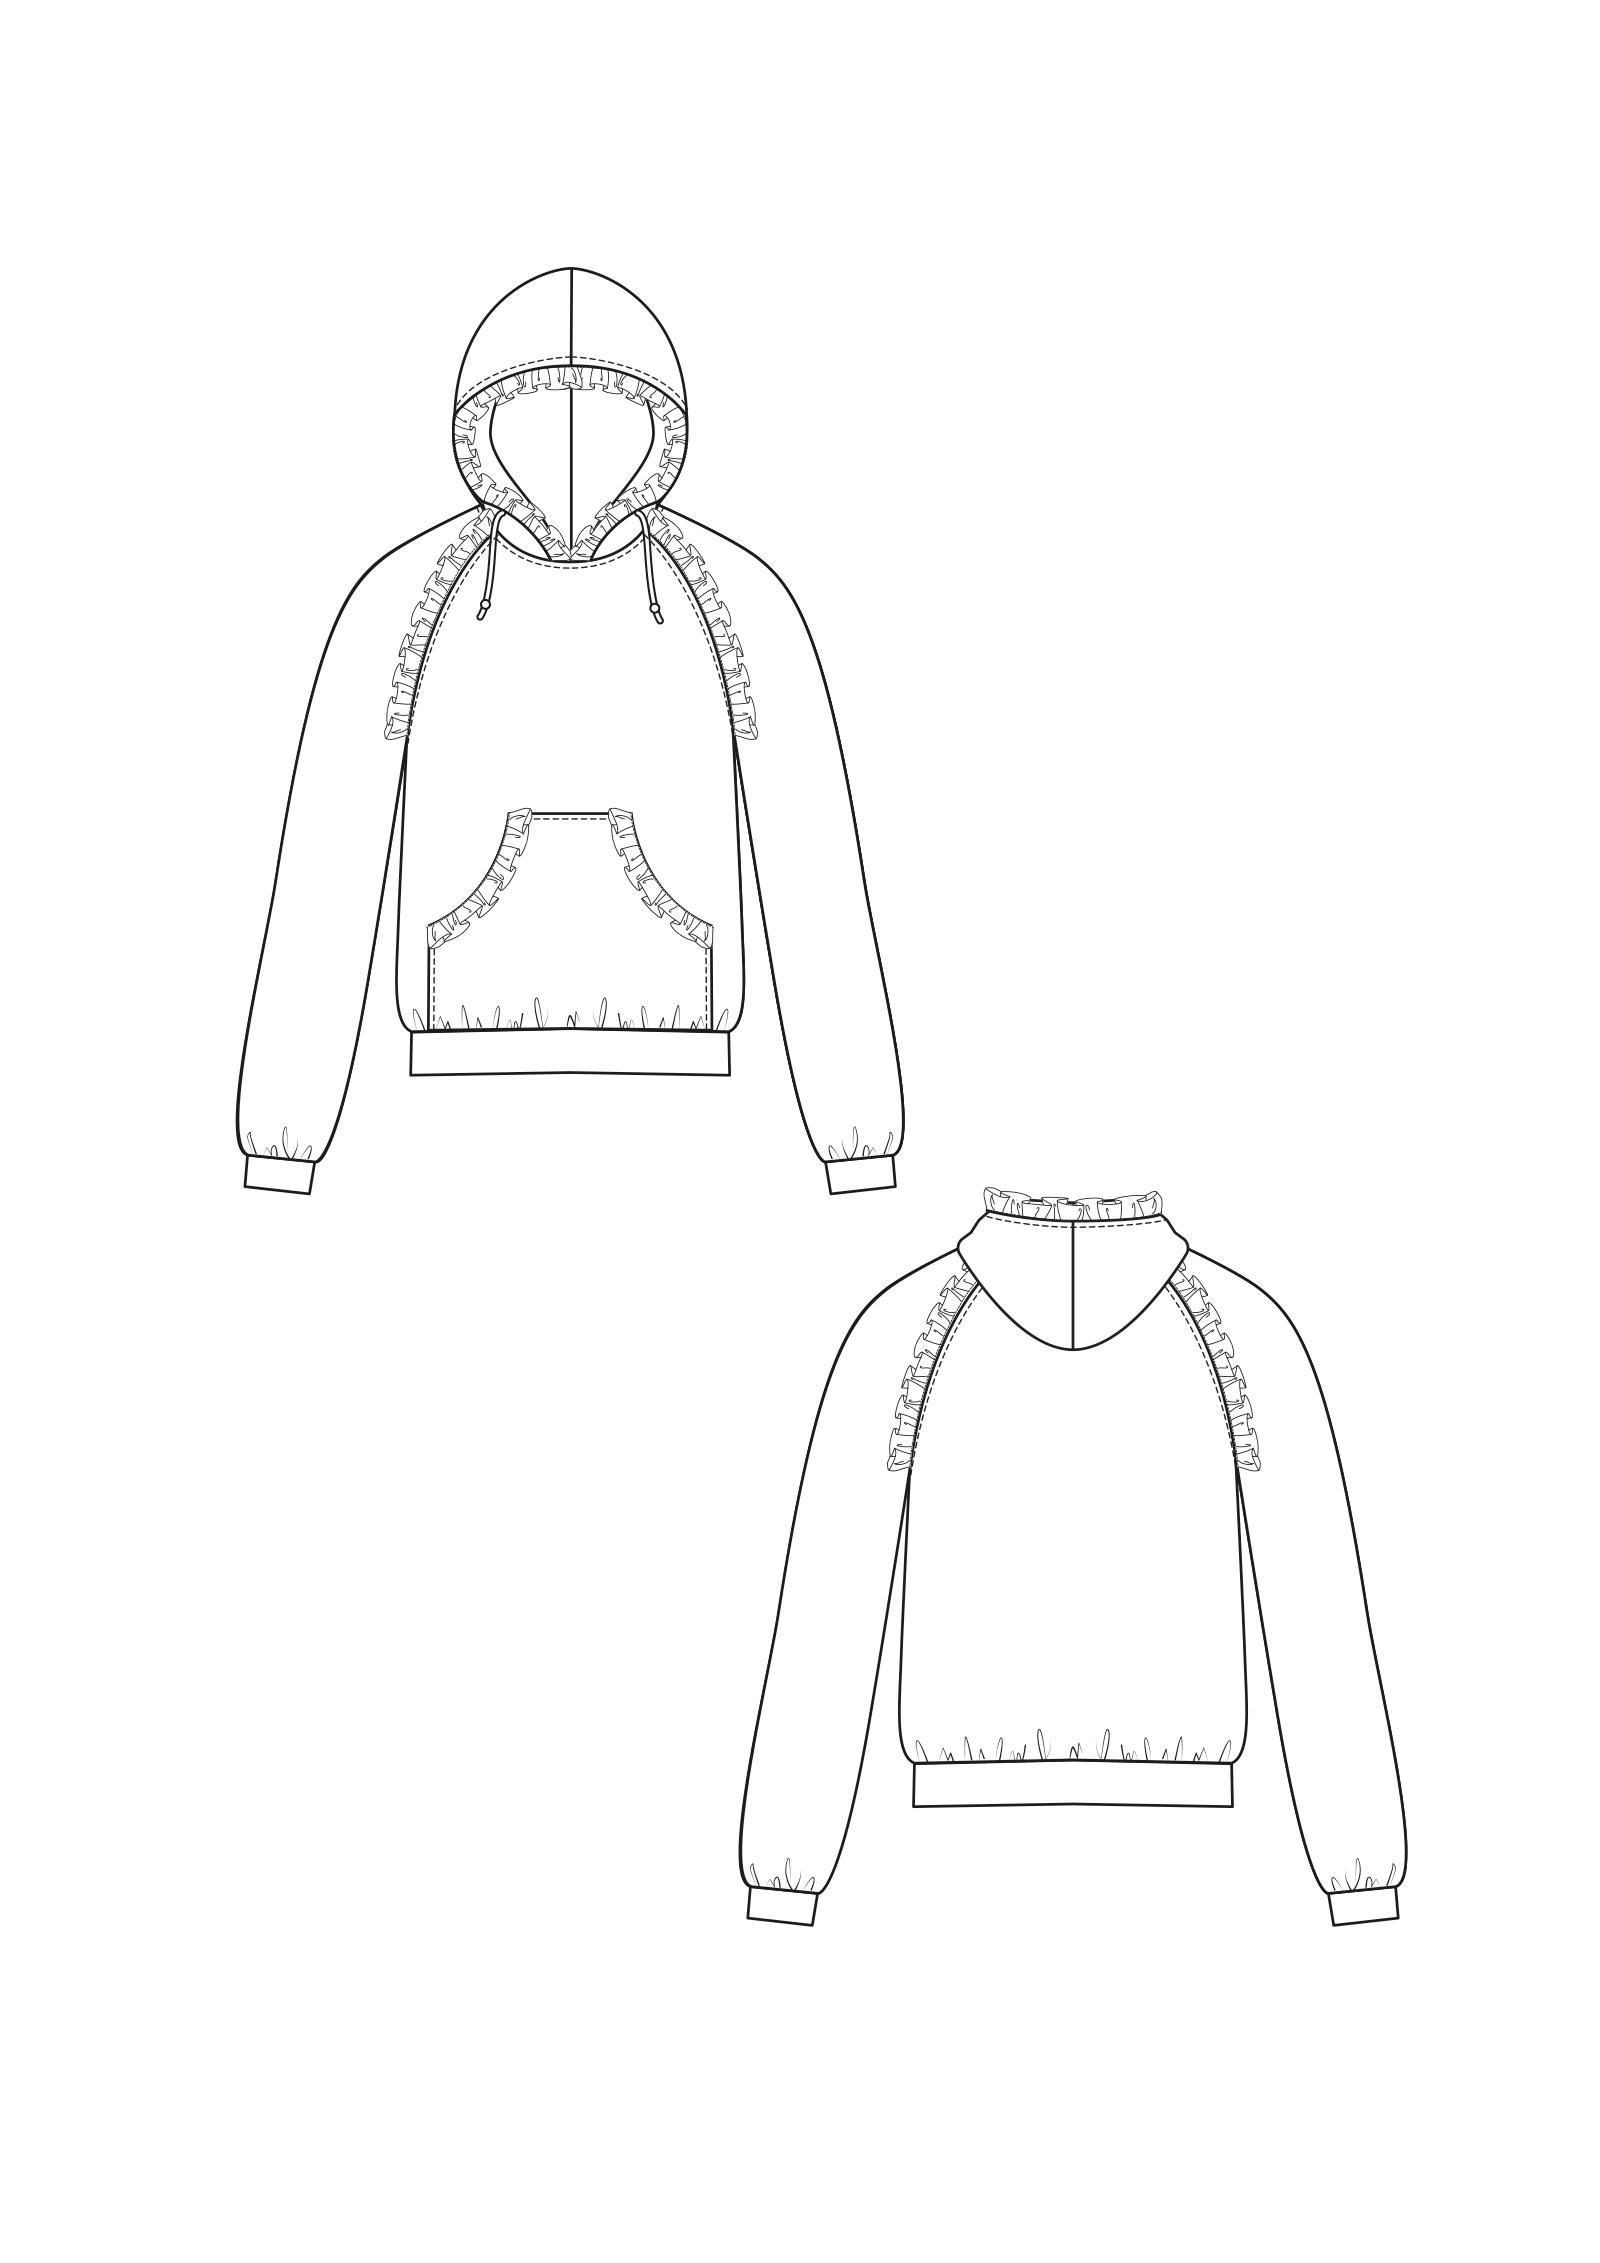 technische zeichnungen offense fashion m nchen. Black Bedroom Furniture Sets. Home Design Ideas